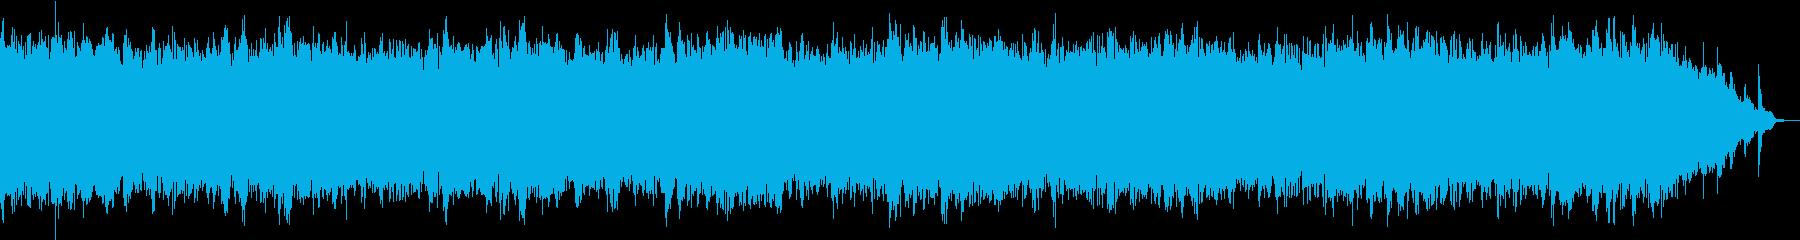 良く眠れる528Hzの音楽の再生済みの波形